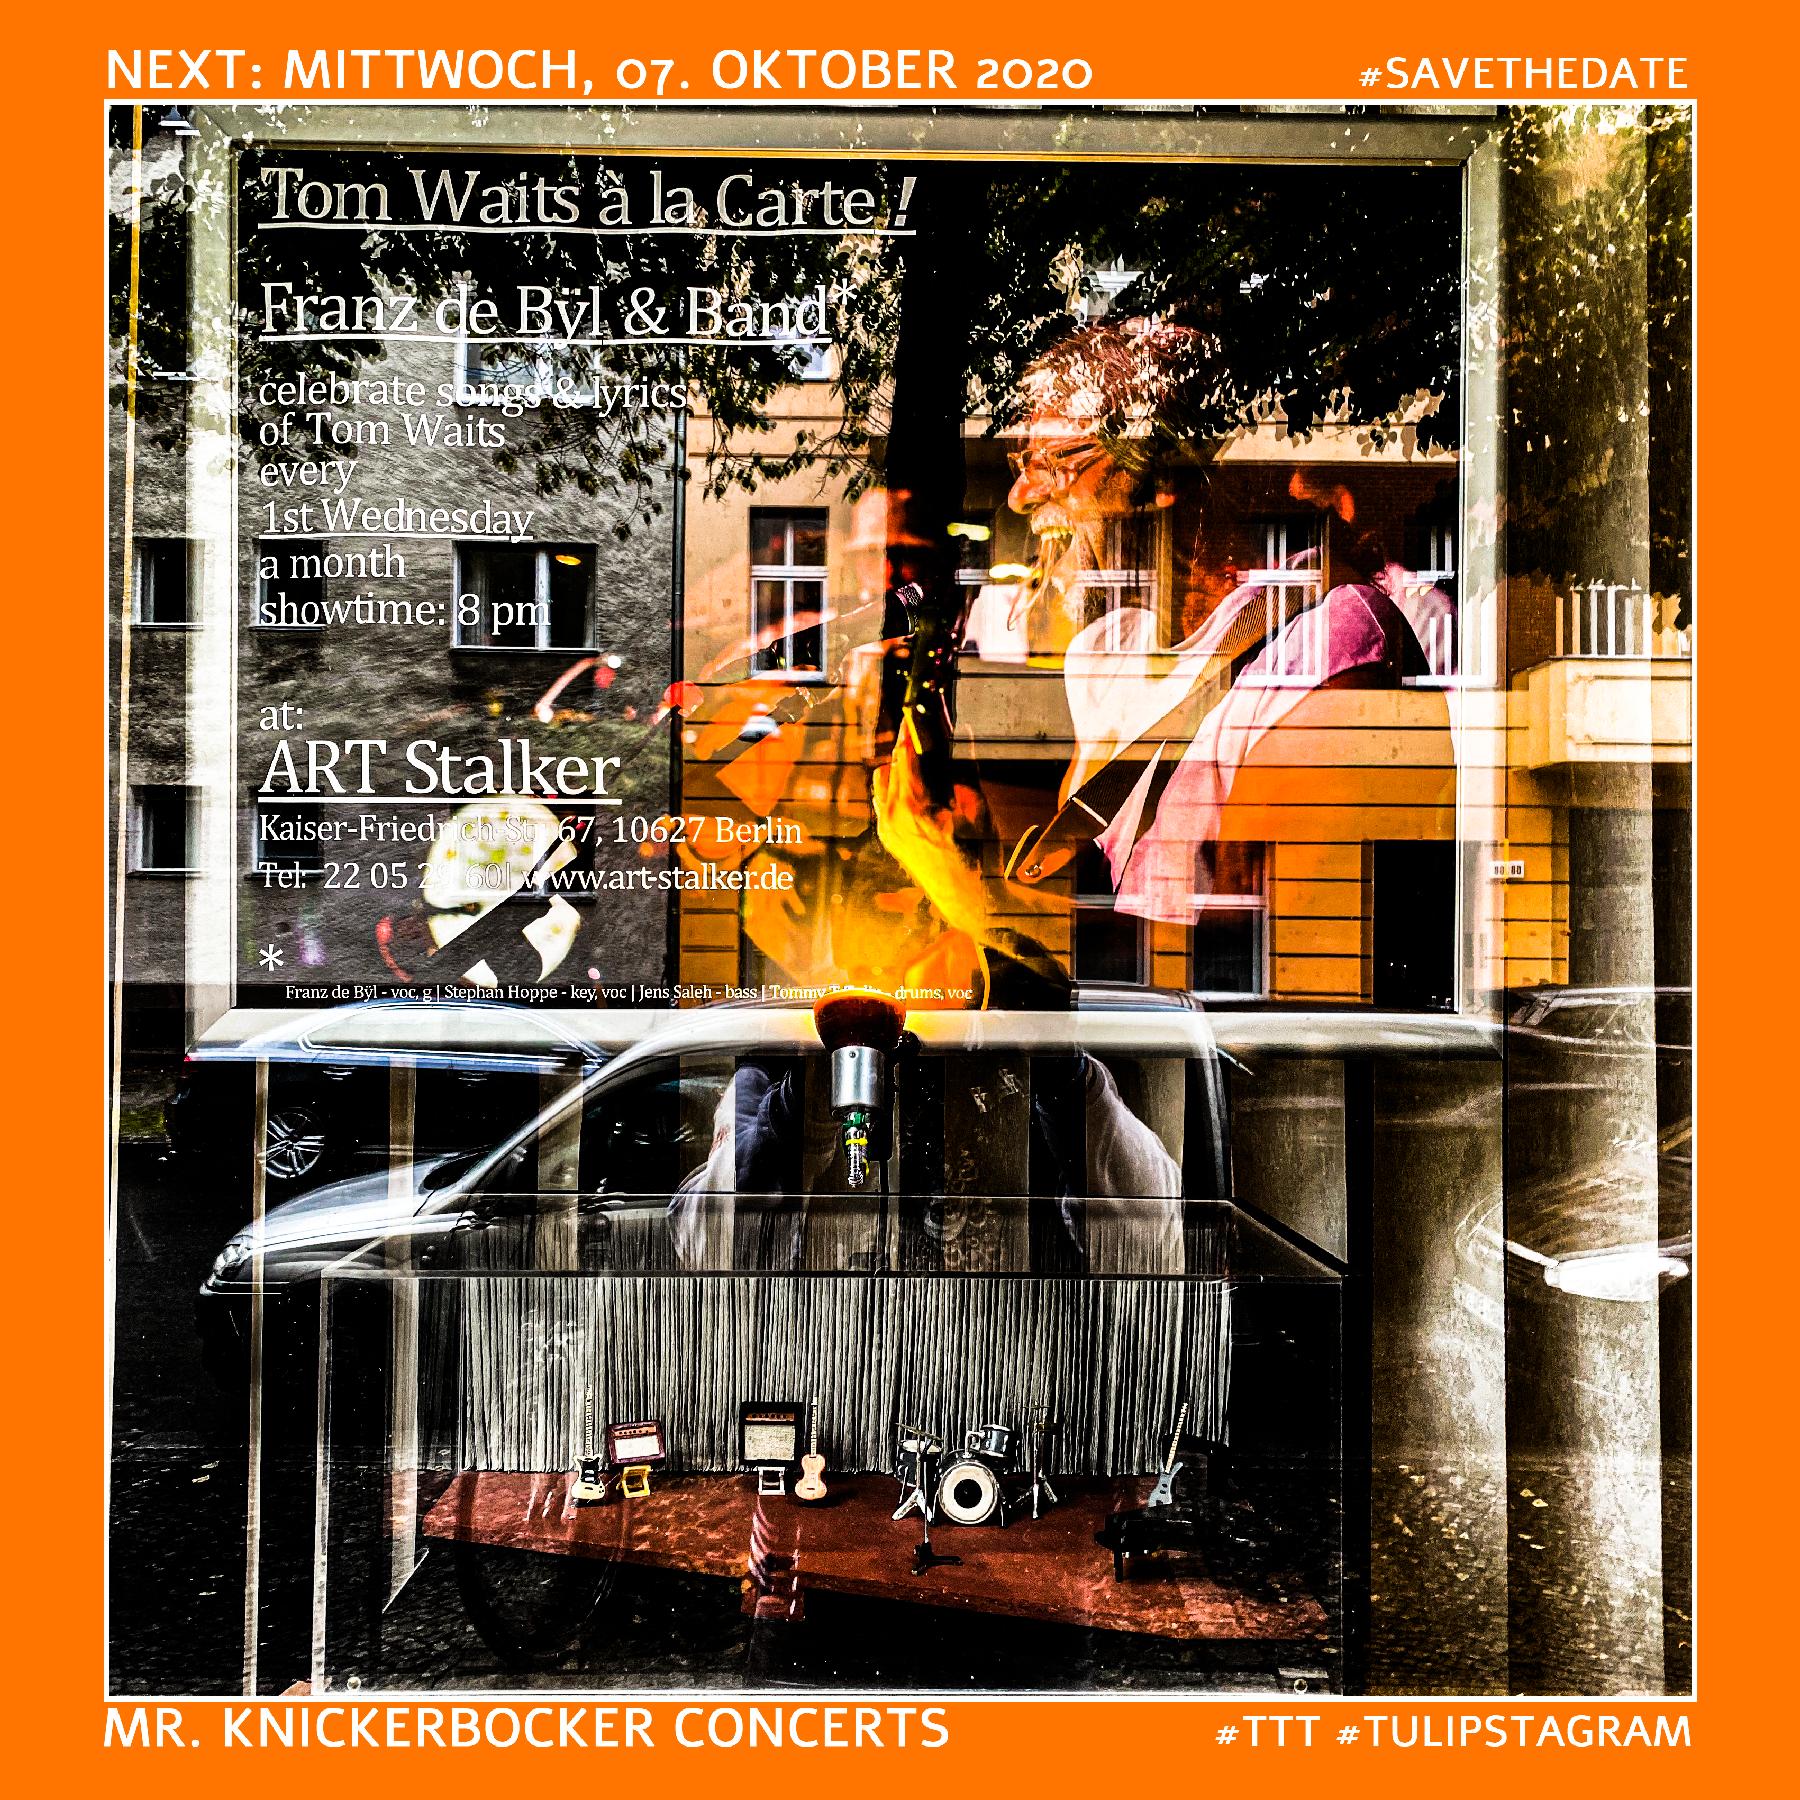 Next: Mittwoch, 07. Oktober 2020 #savethedate Tom Waits á la carte - Mr. Knickerbocker Concerts #TTT #Tulipstagram